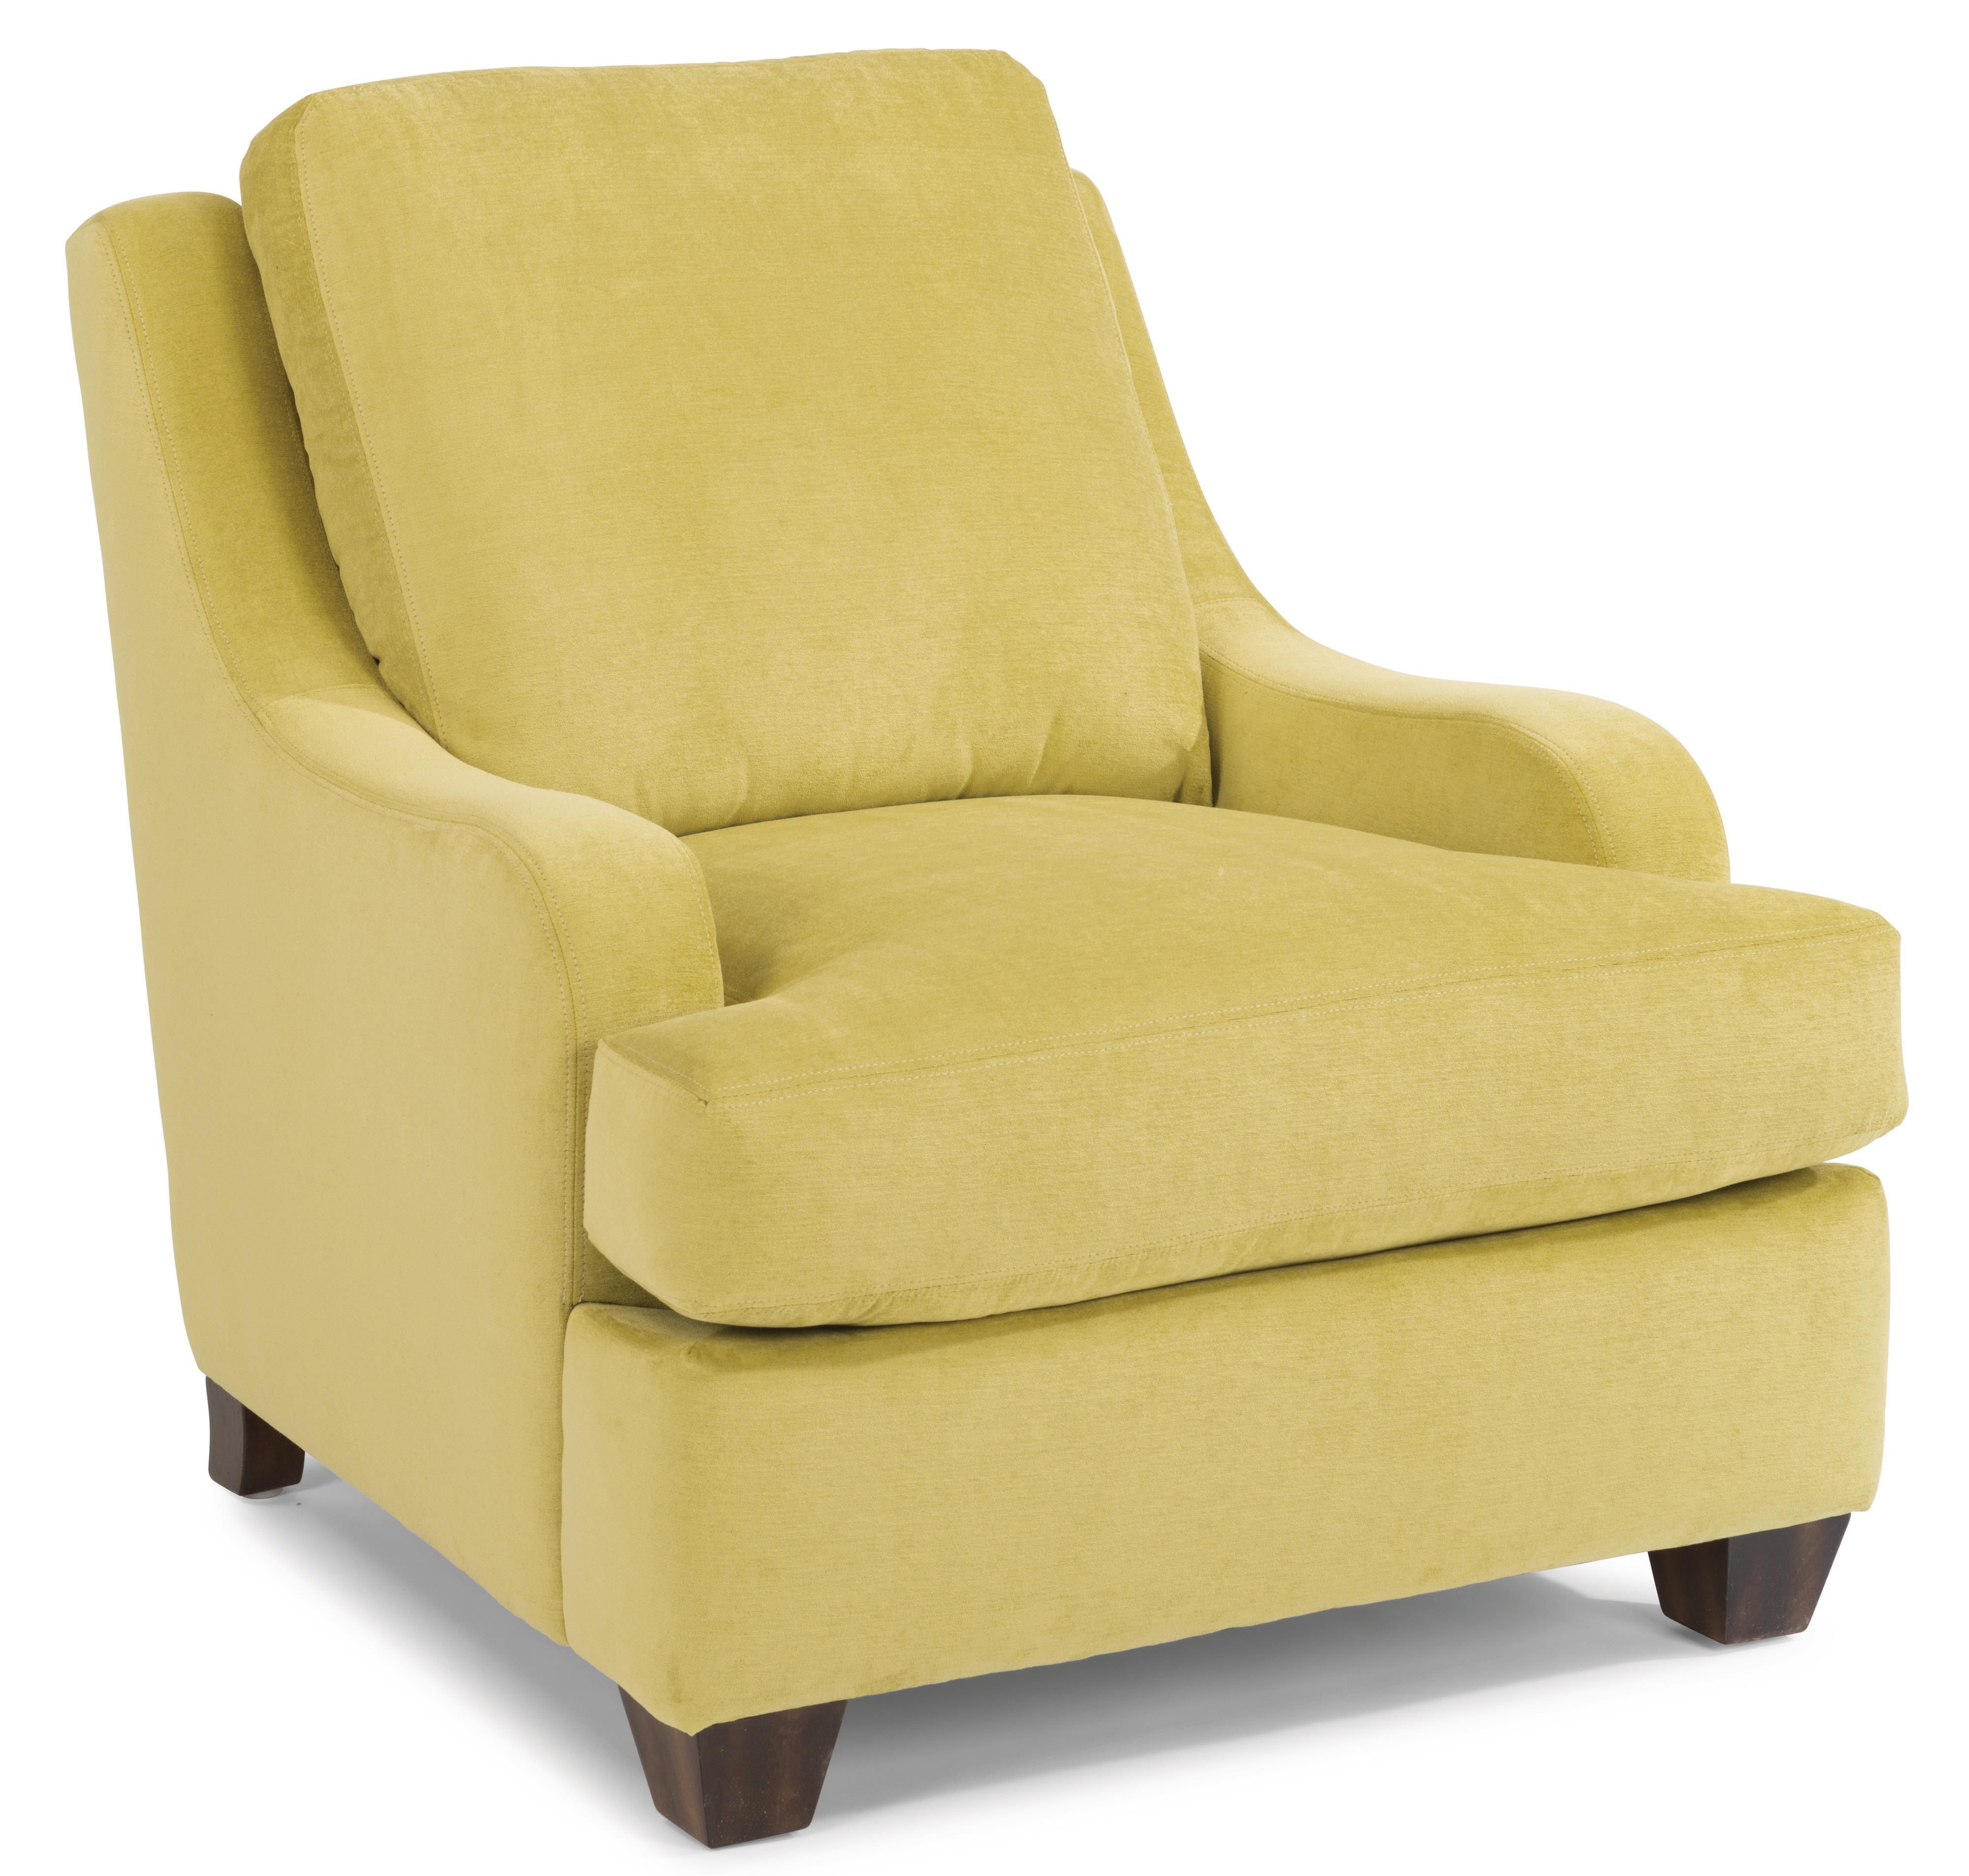 Flexsteel Accents Salem Chair - Item Number: 0111-10-917-22